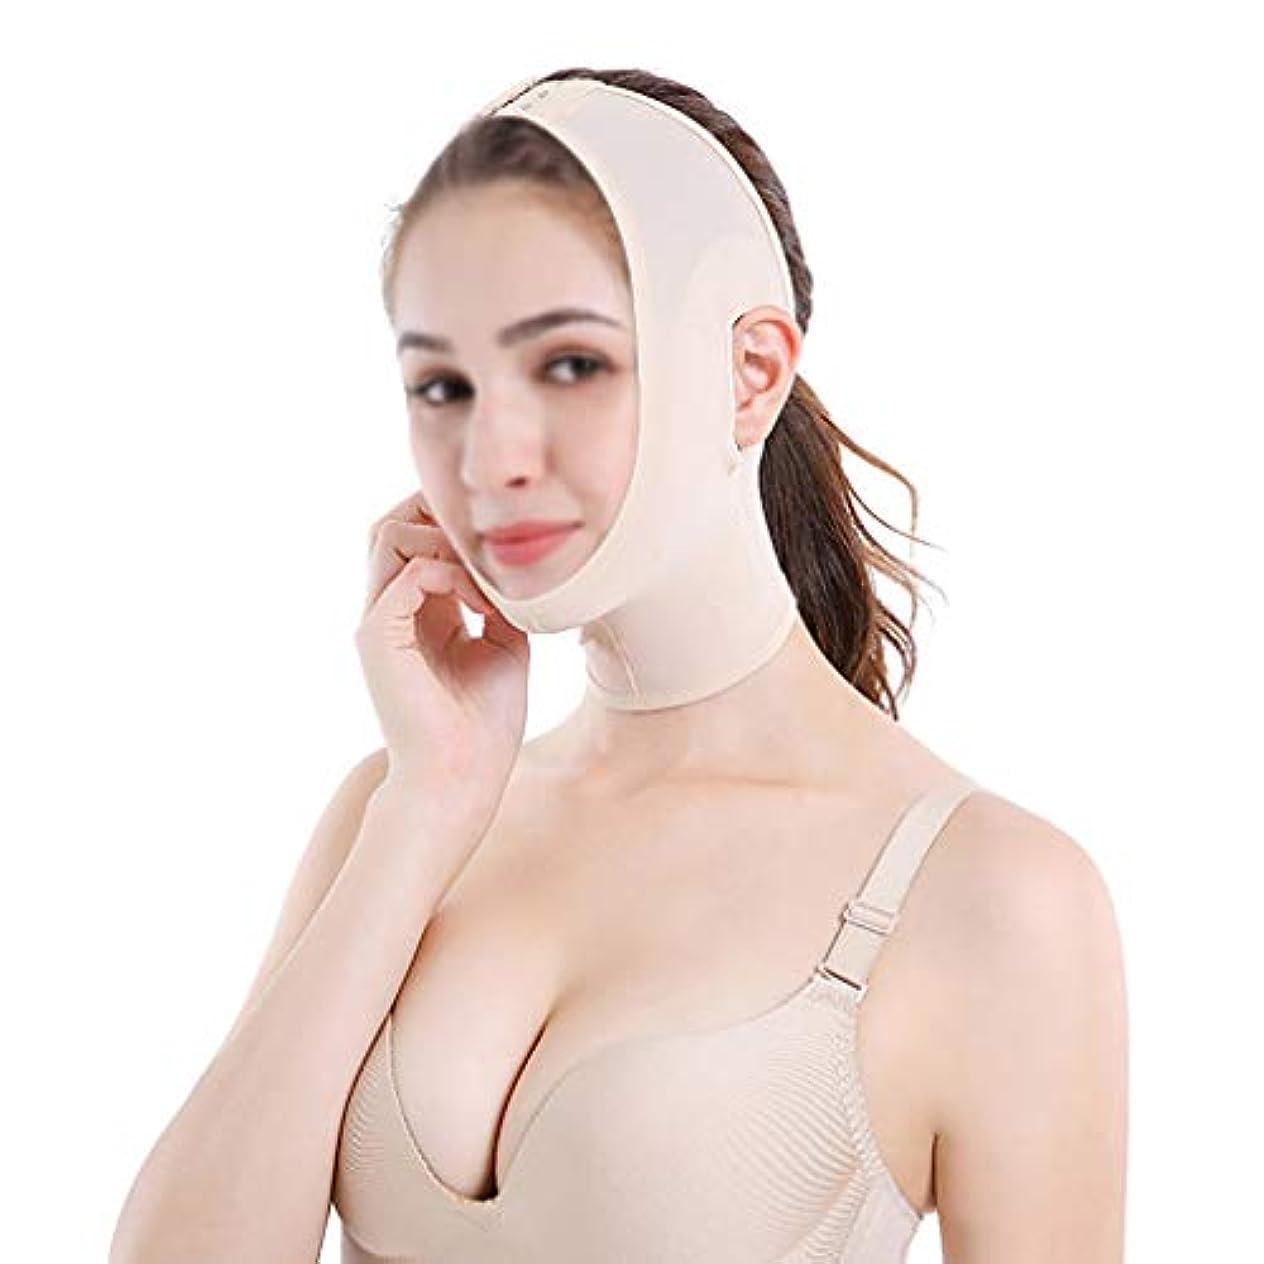 慣れているコットン怒ってLJK ベルトフェイスリフティング包帯小Vフェイスマスクフェイスリフティングアーティファクトフェイスリフティングファーミングマスクをスリミングフェイスマスクを引き締め (Size : M)